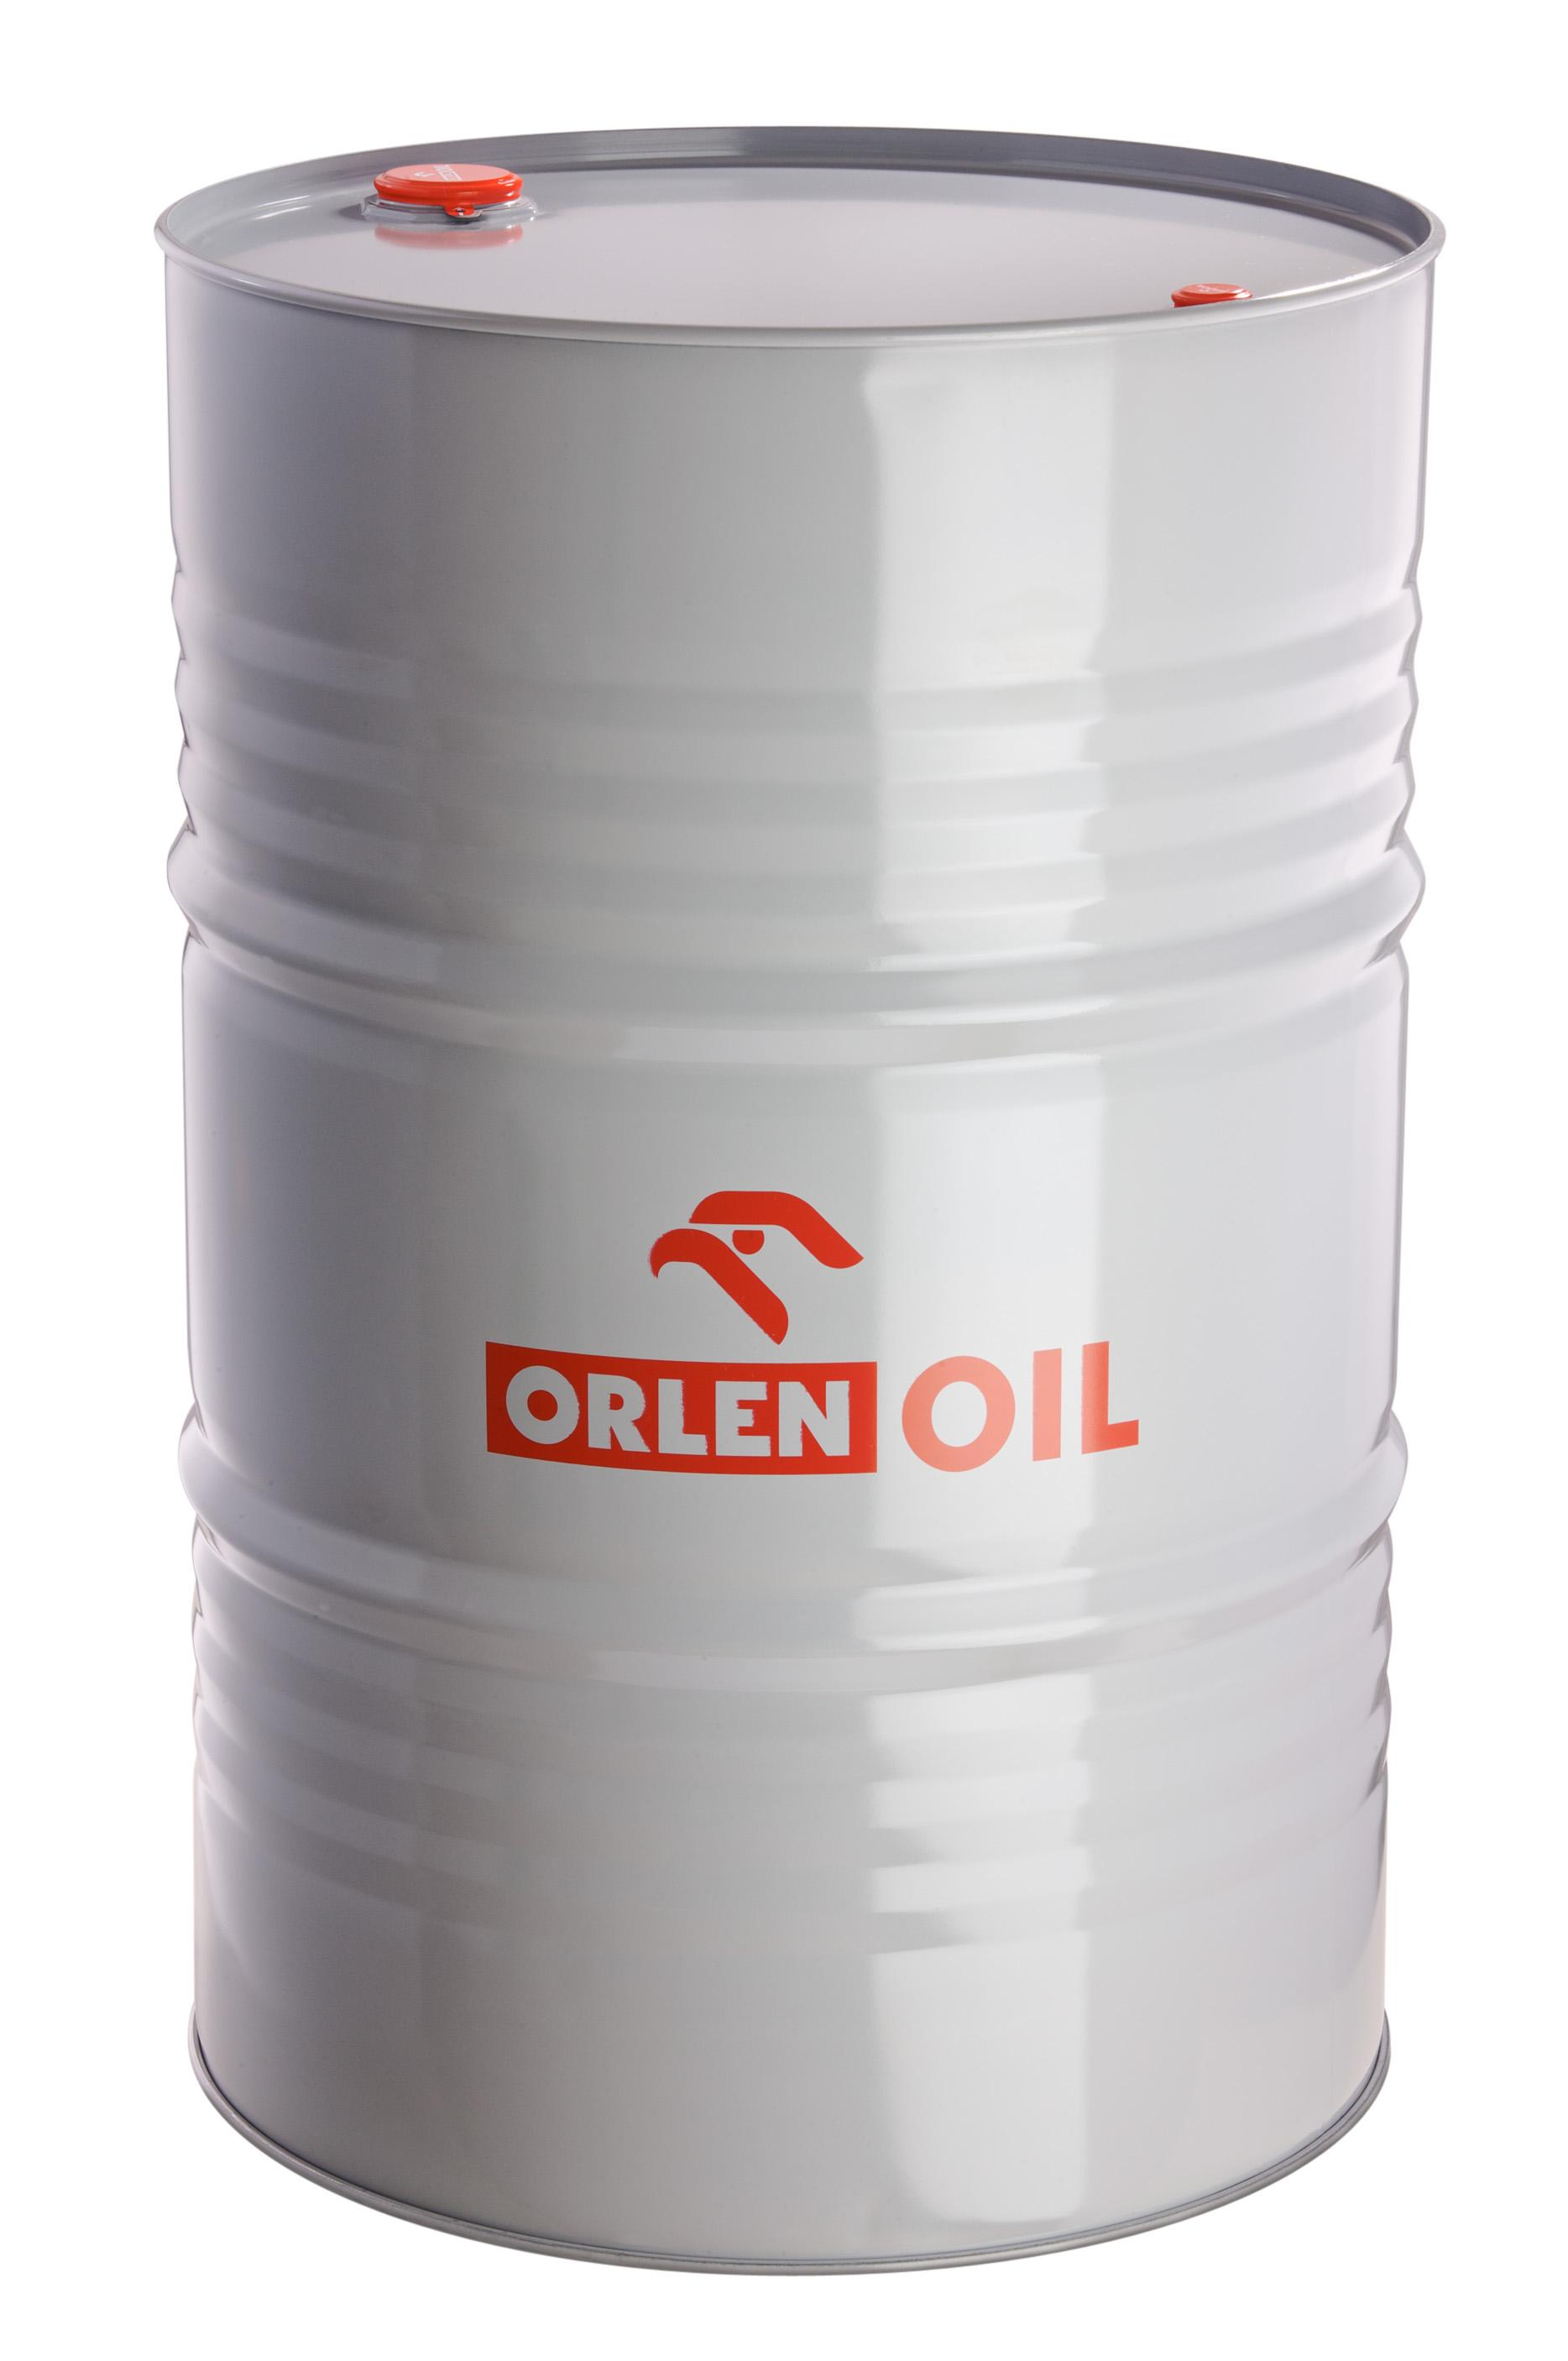 ORLEN OIL SPRĘŻARKOWY FRIGOL TZ-19    BECZKA 205L **